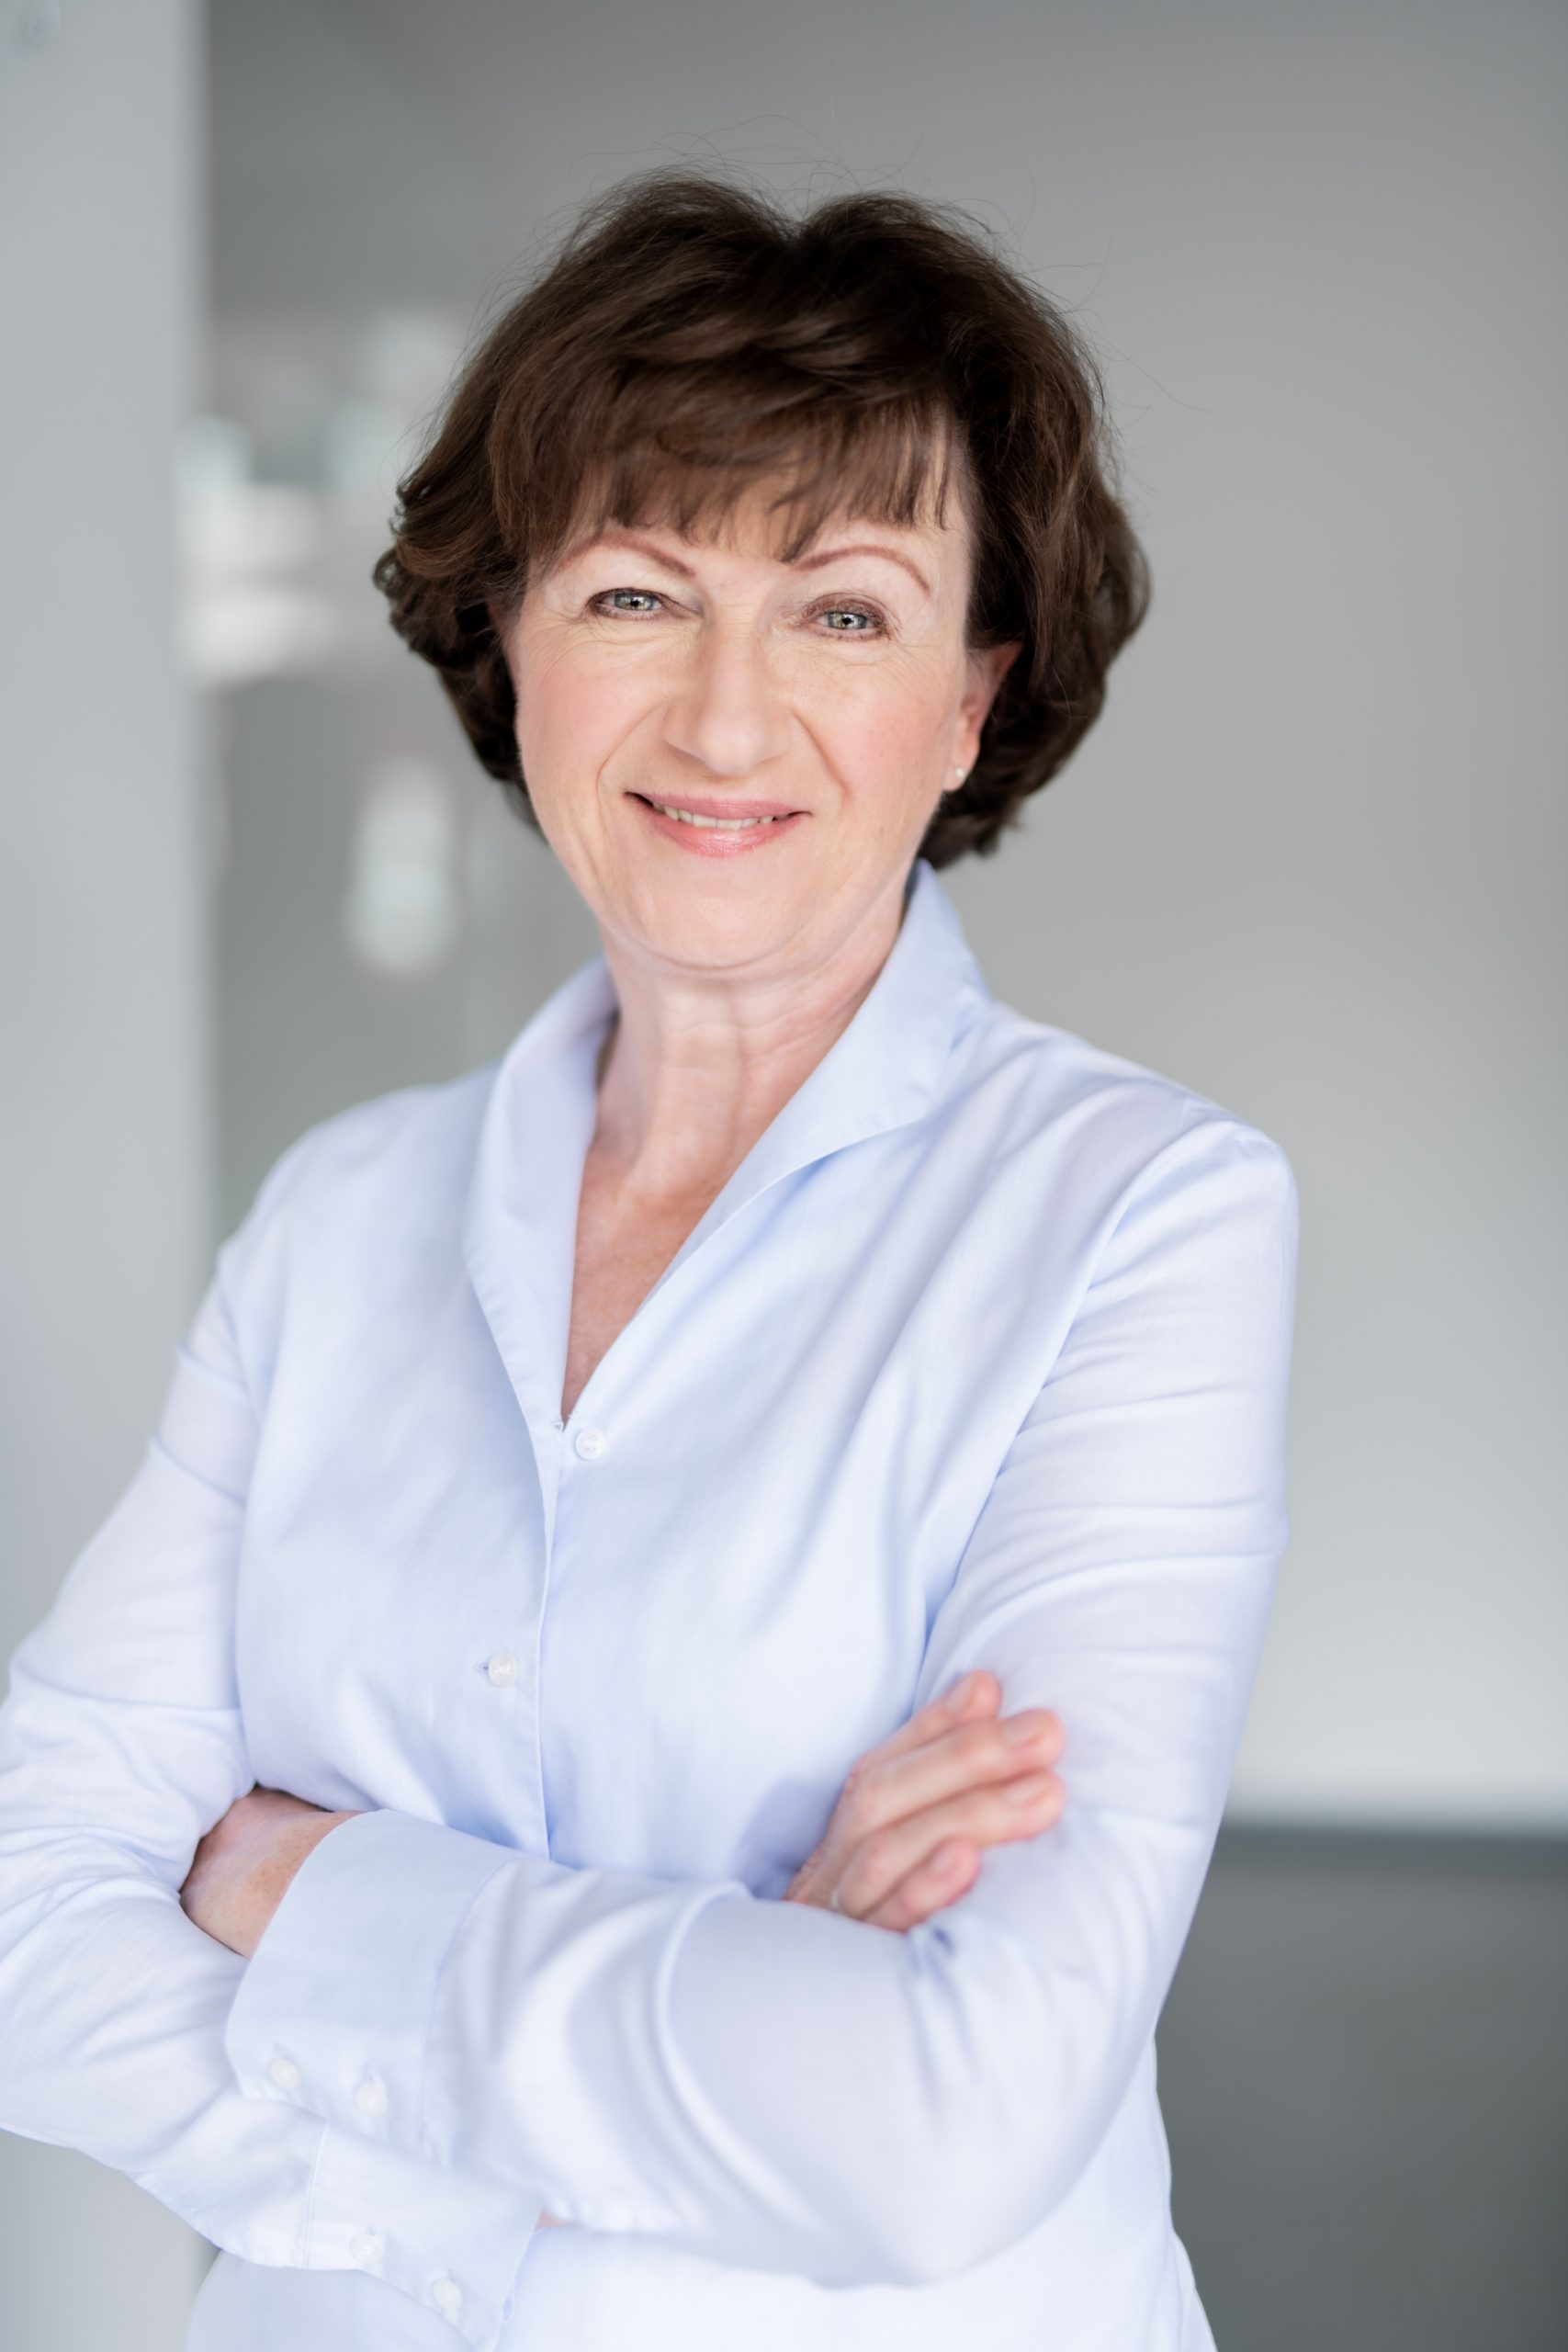 Regina Hallmann